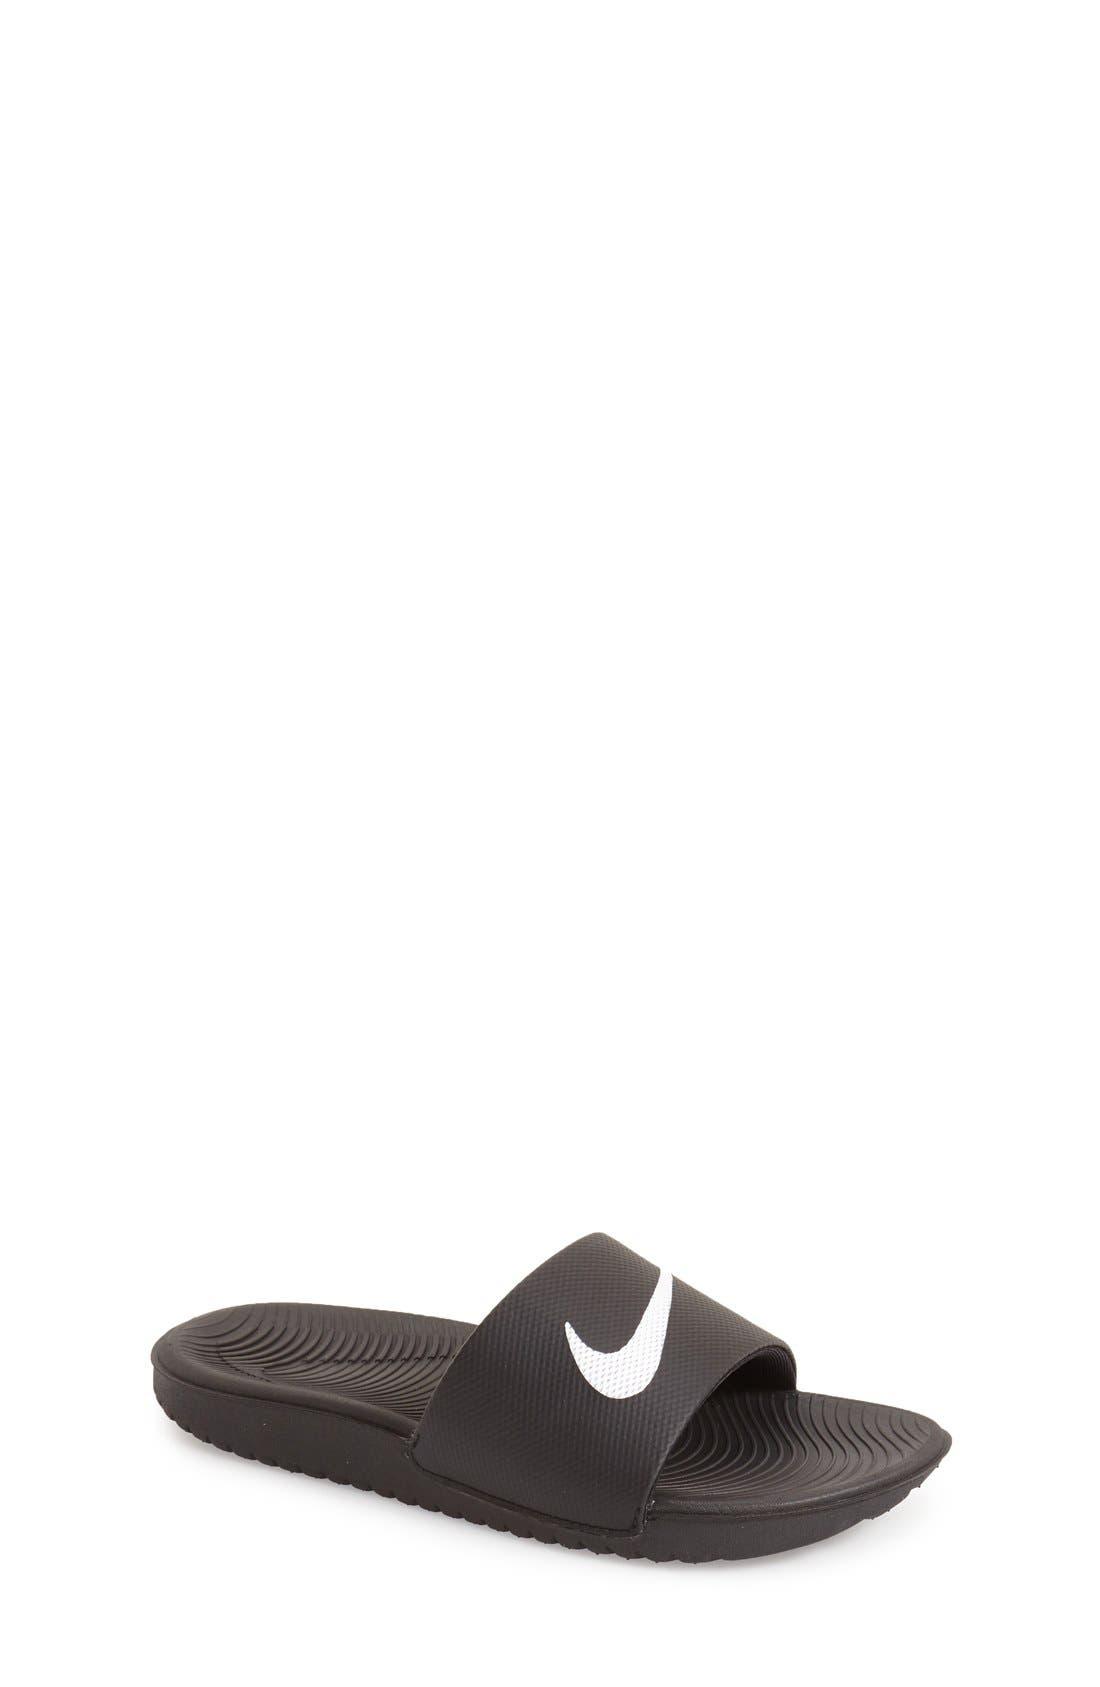 'Kawa' Slide Sandal,                             Main thumbnail 1, color,                             BLACK/ WHITE